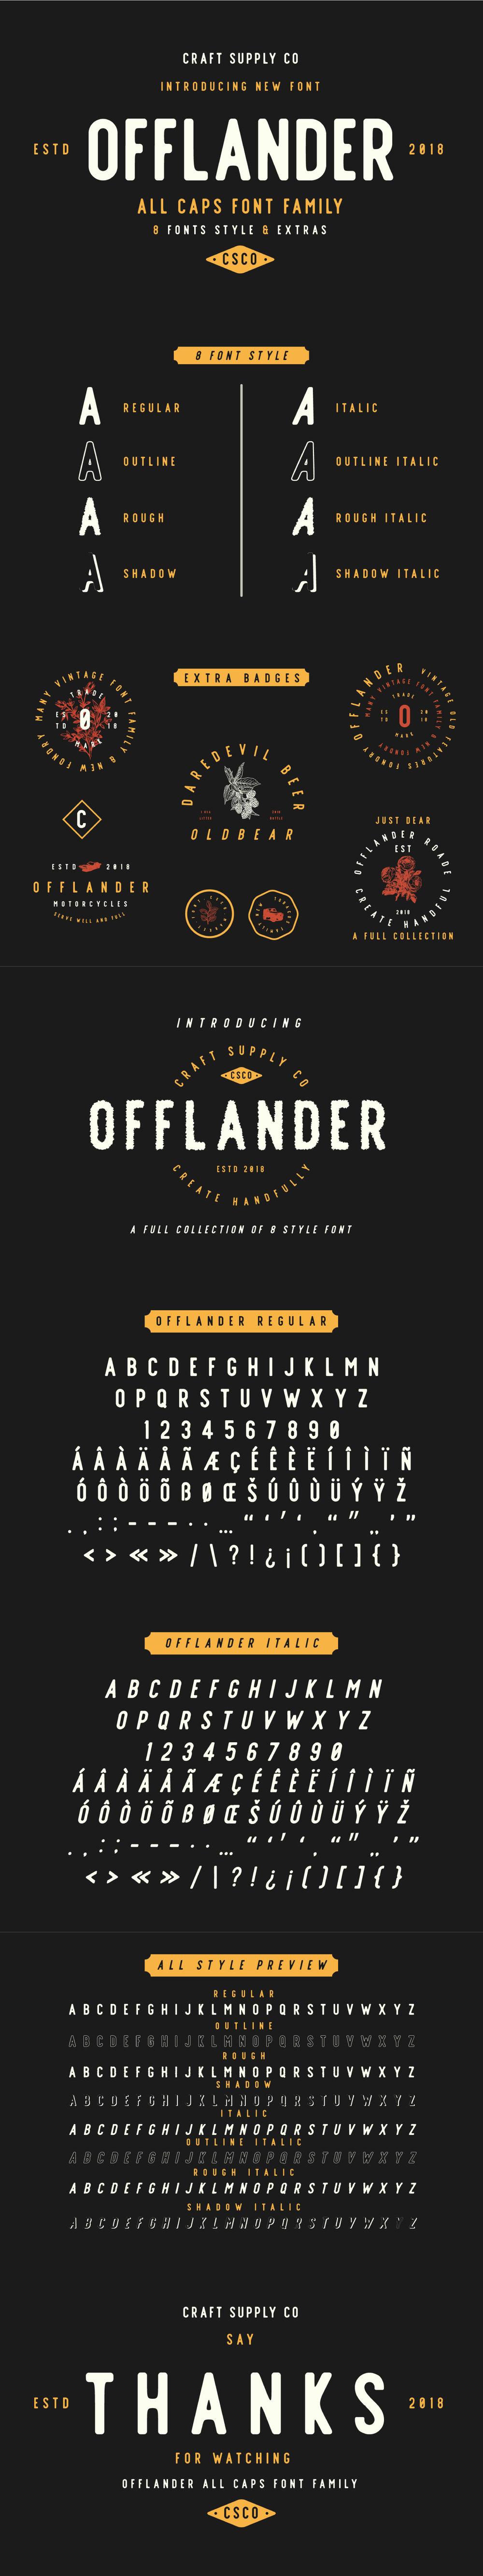 Offlander-Long.jpg